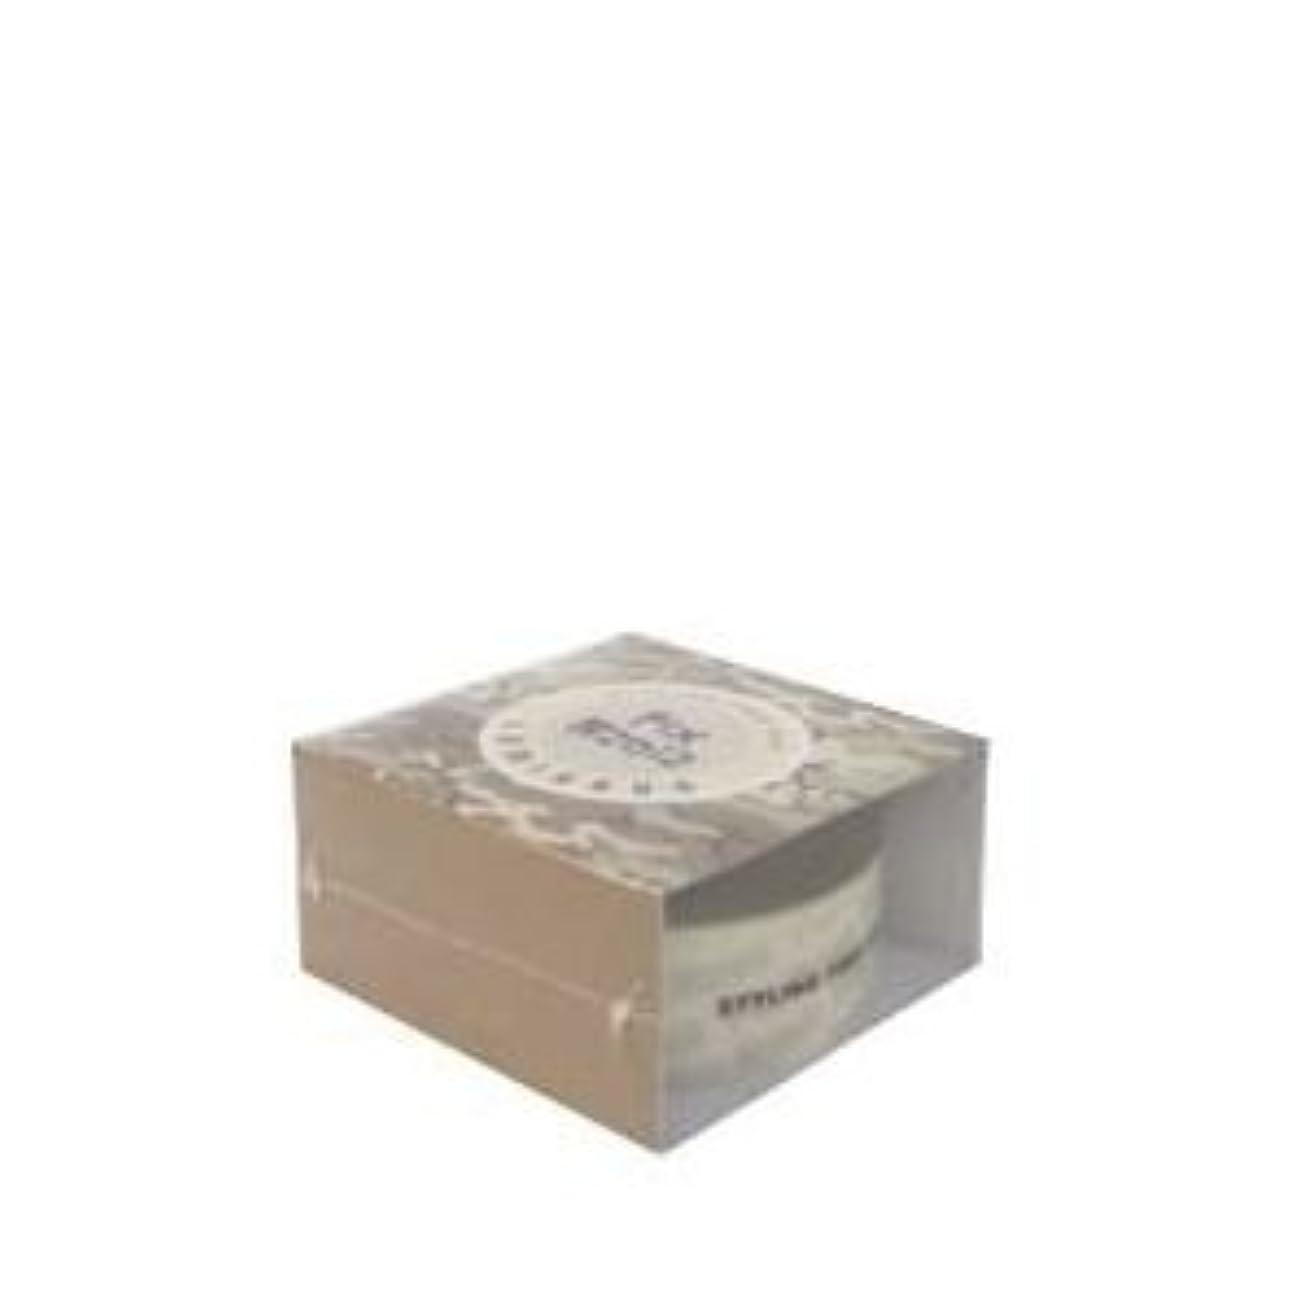 モバイル同種の成熟イリヤコスメティクス フィクスマニア ルミナス50g(スタイリングワックス)